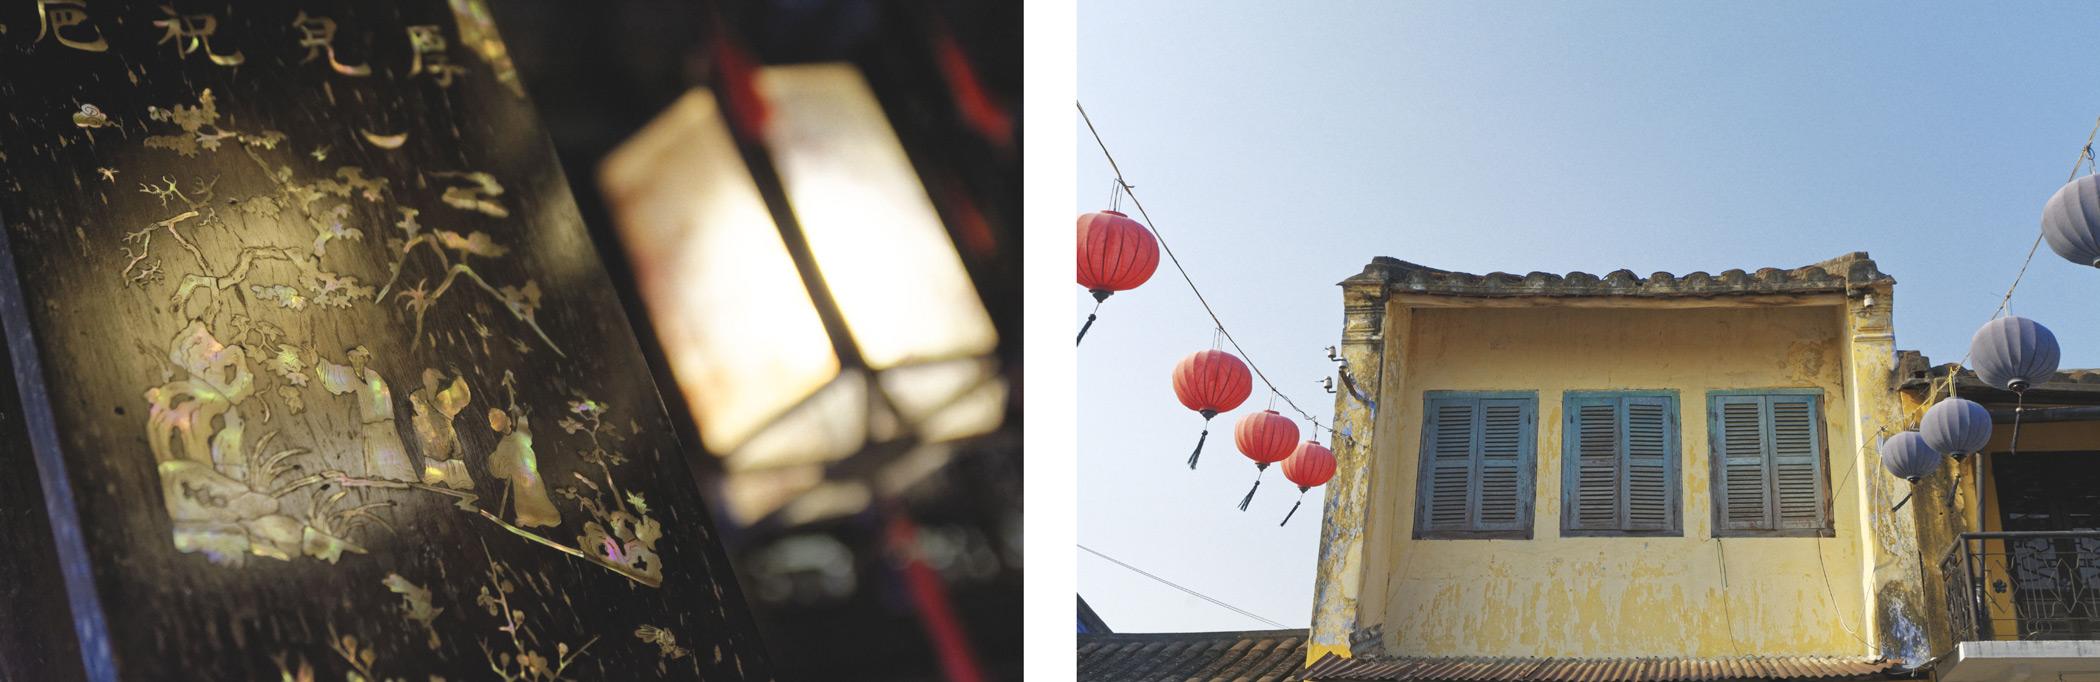 Lanterne et lampions Hoi An